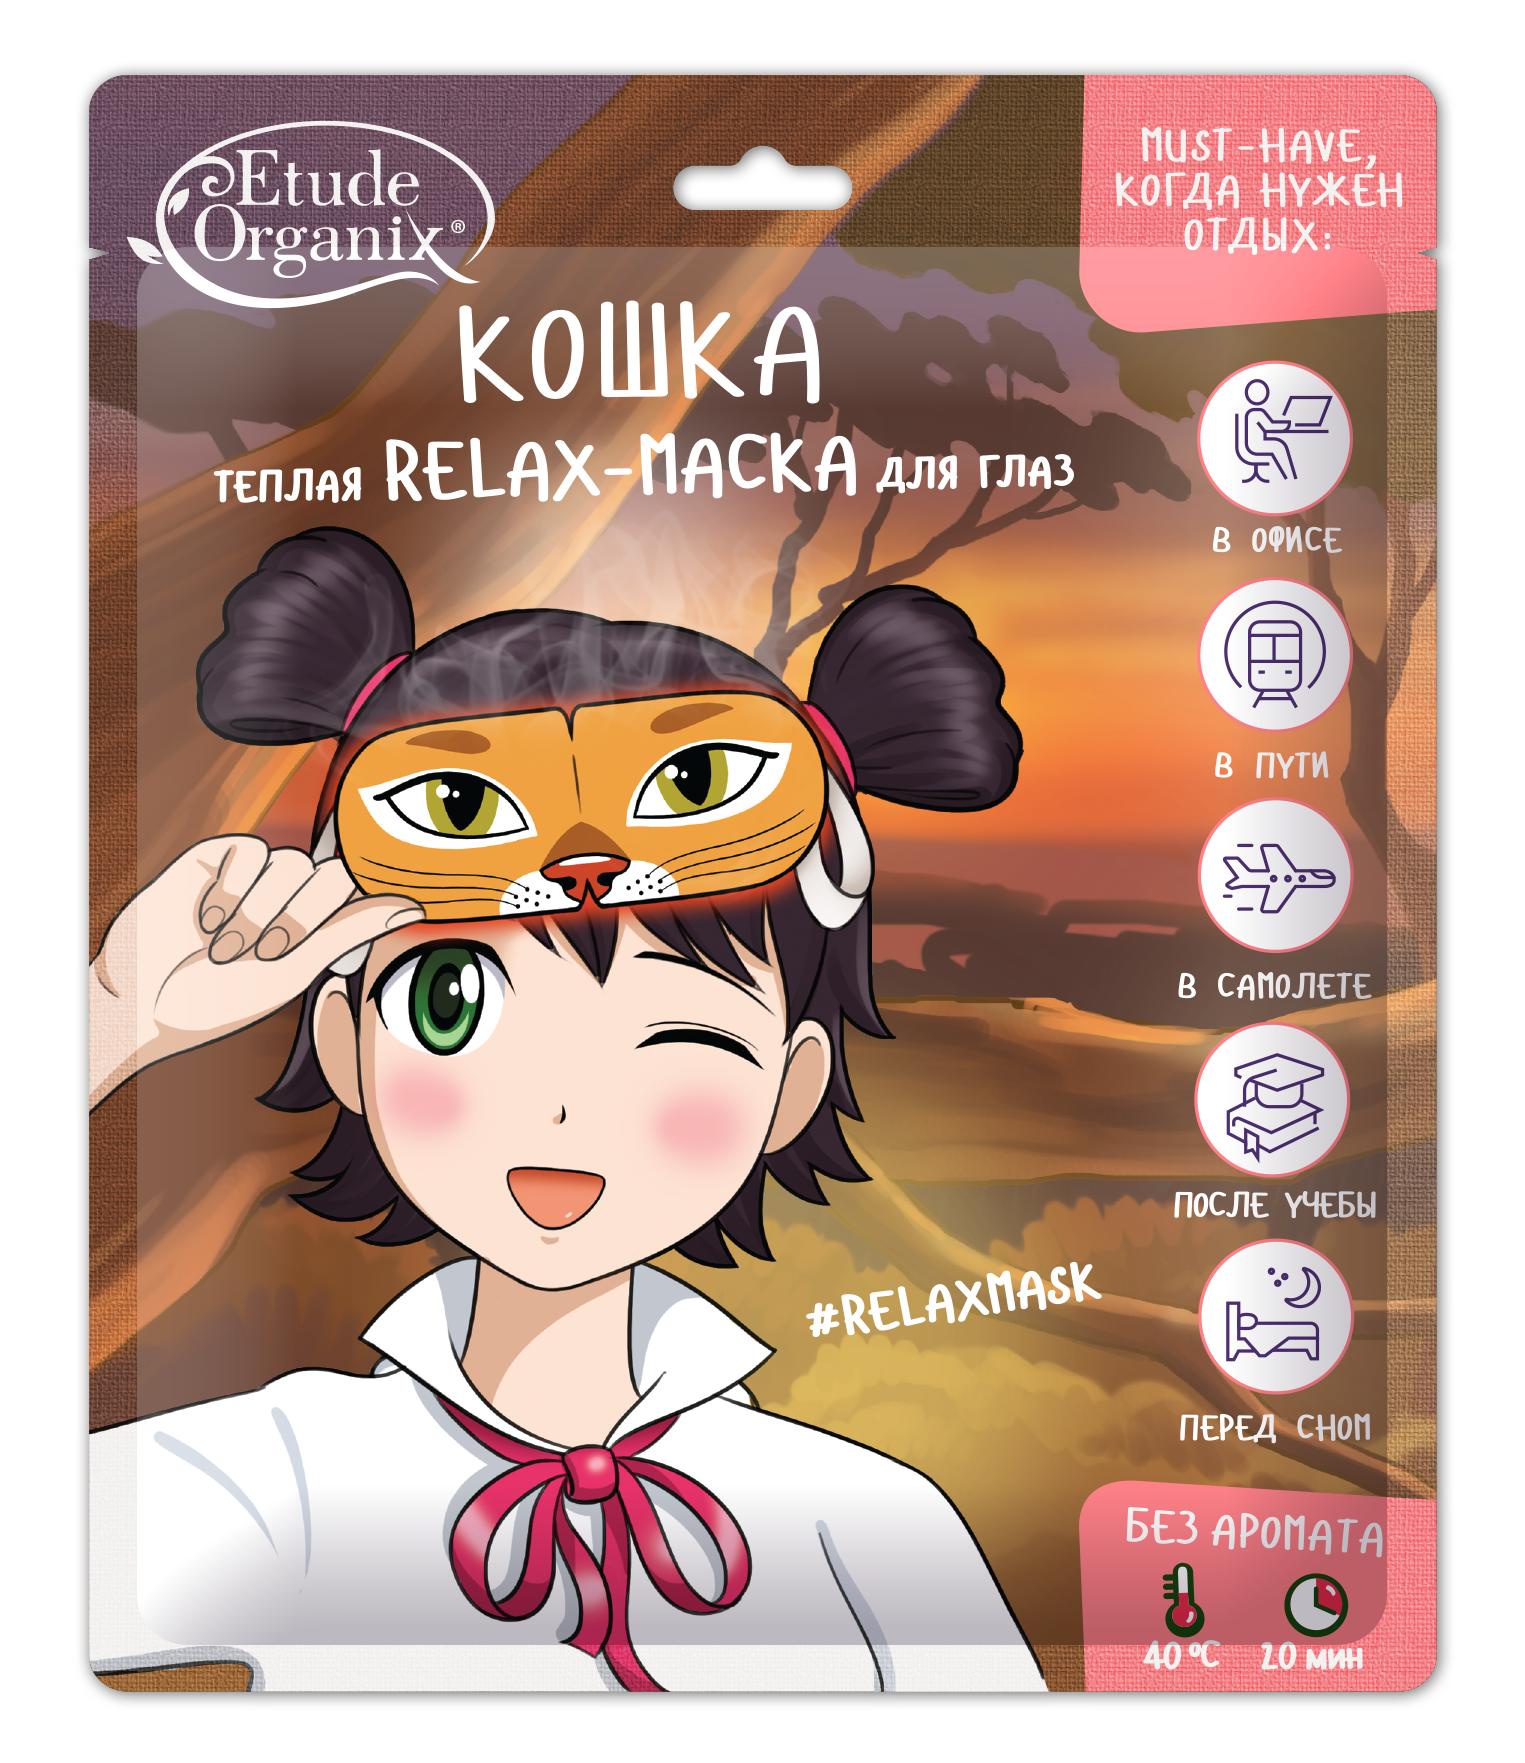 ETUDE ORGANIX Маска - RELAX теплая для глаз Кошка / ETUDE ORGANIX, 12 г